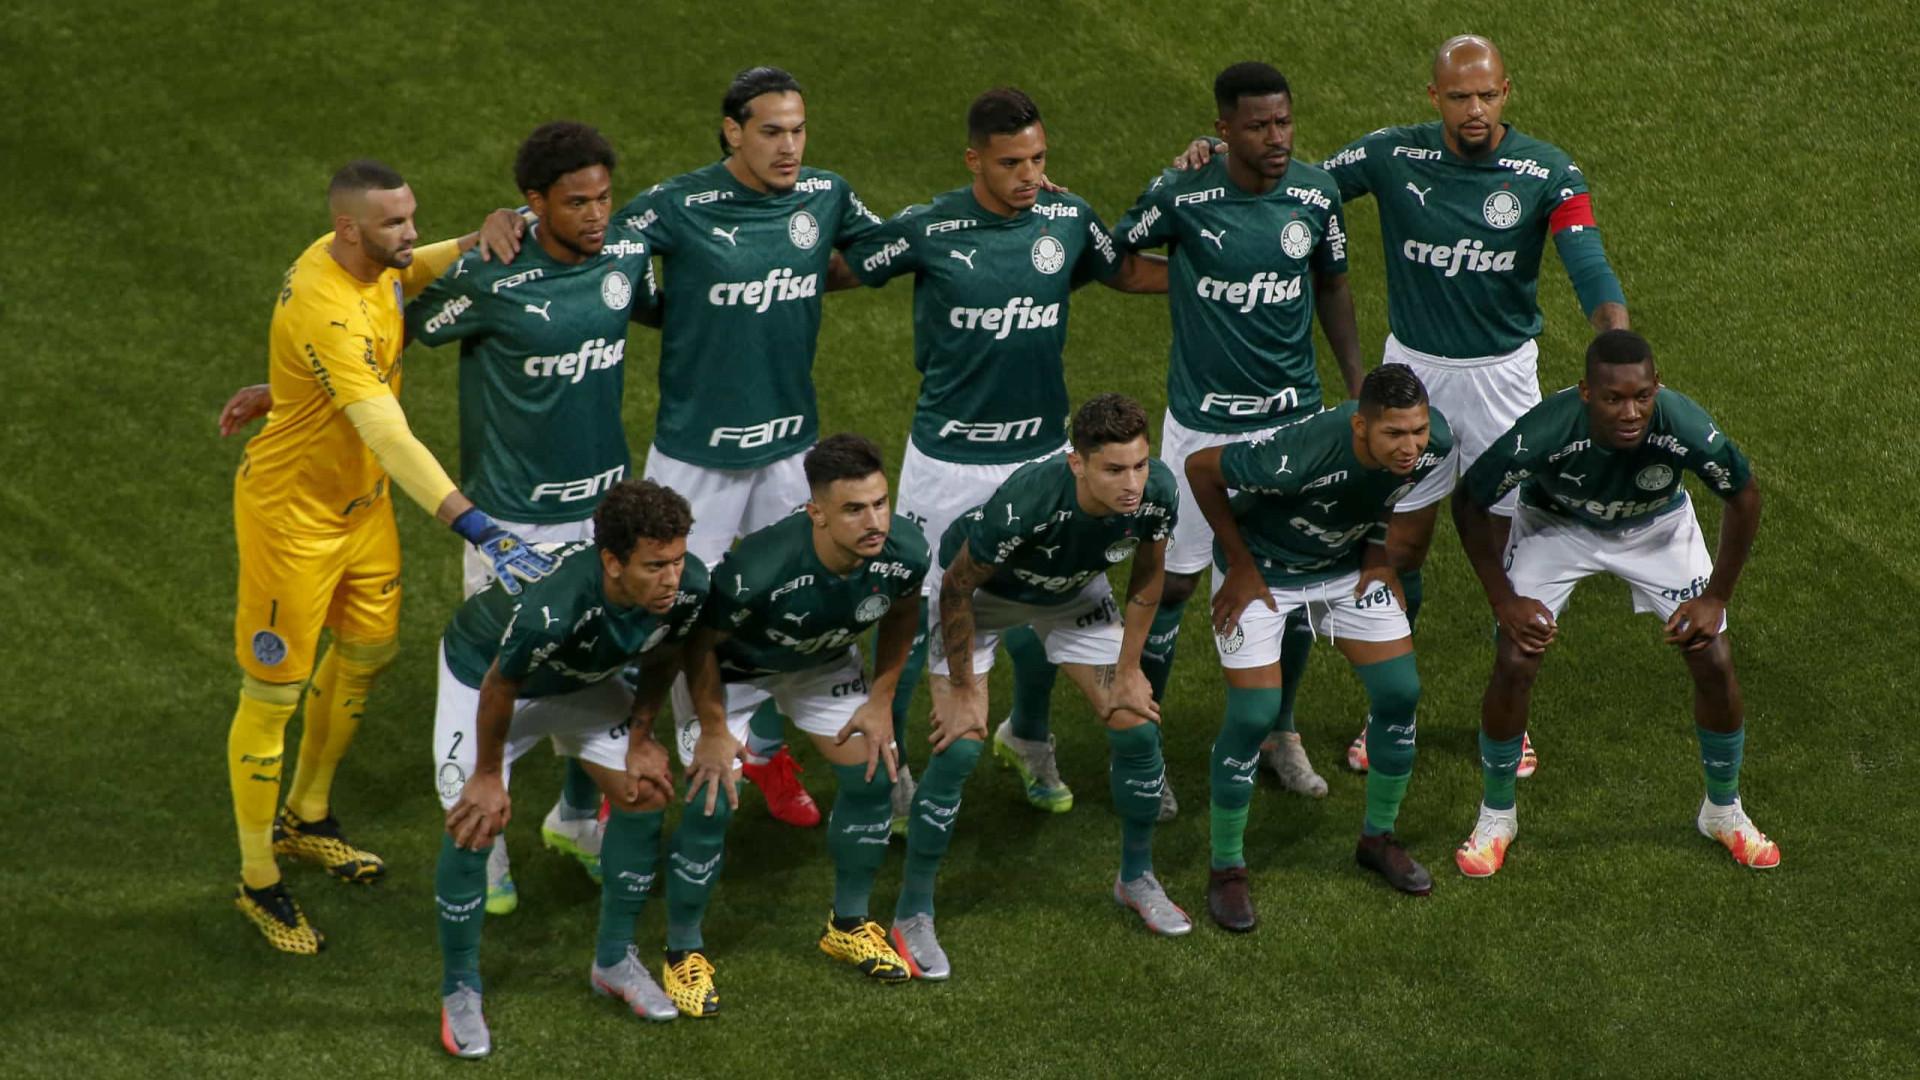 Palmeiras vai ao Sul para aproveitar crise do Grêmio e encostar nos líderes